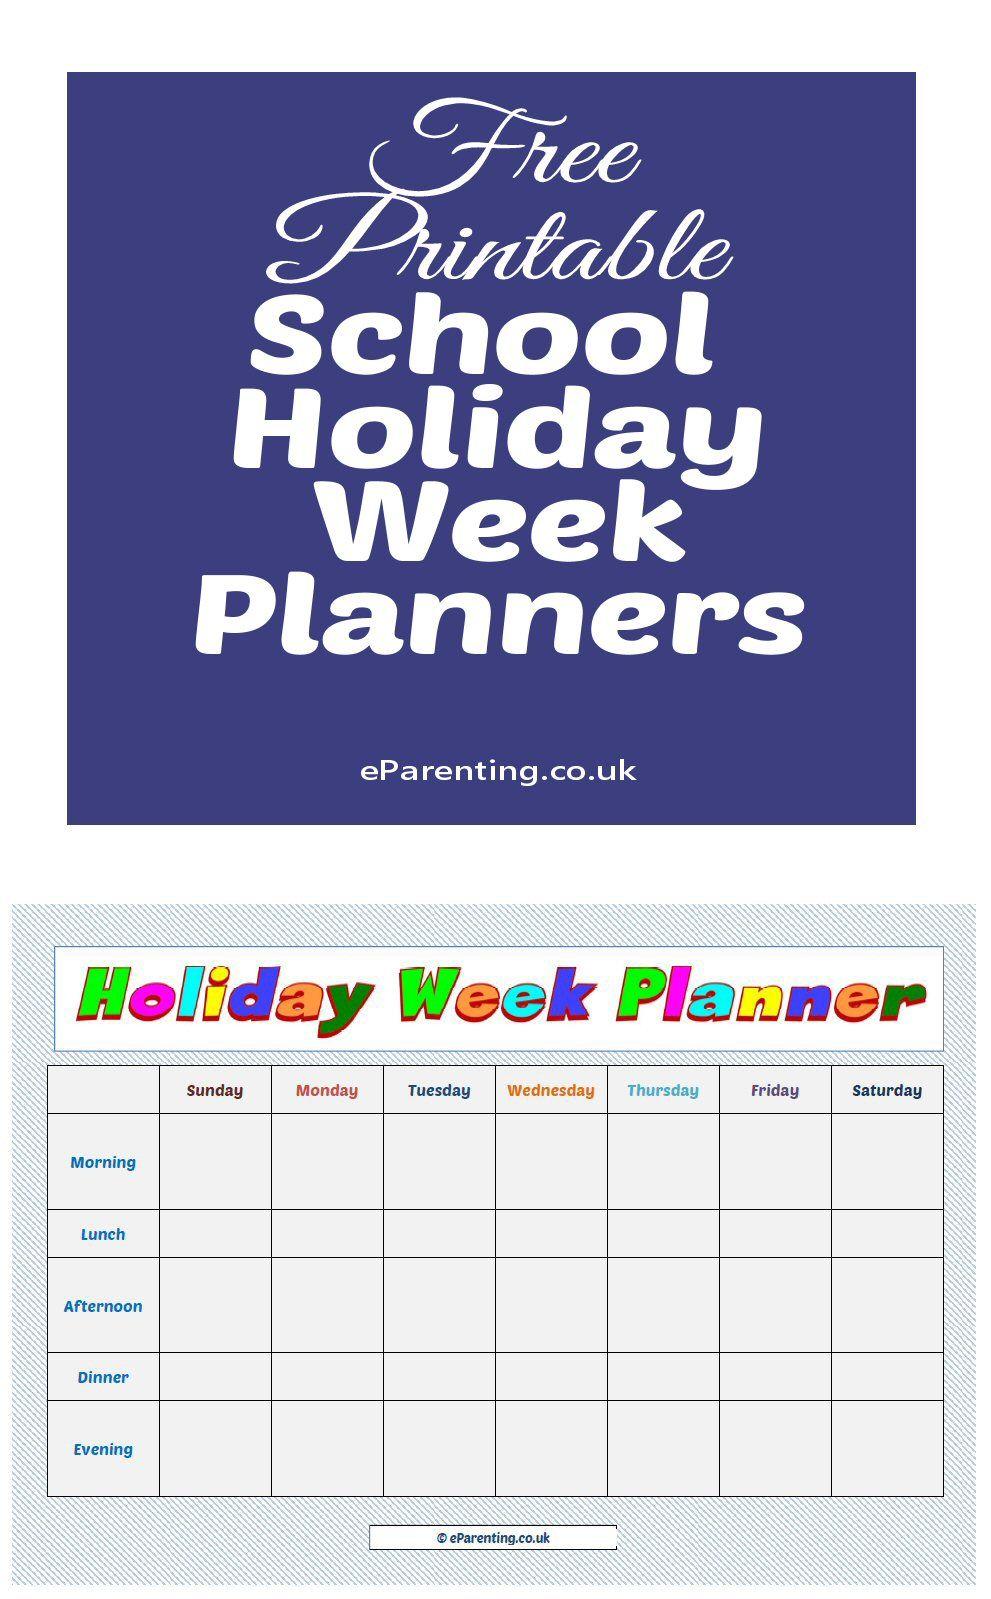 Free Printable School Holiday Week Planners